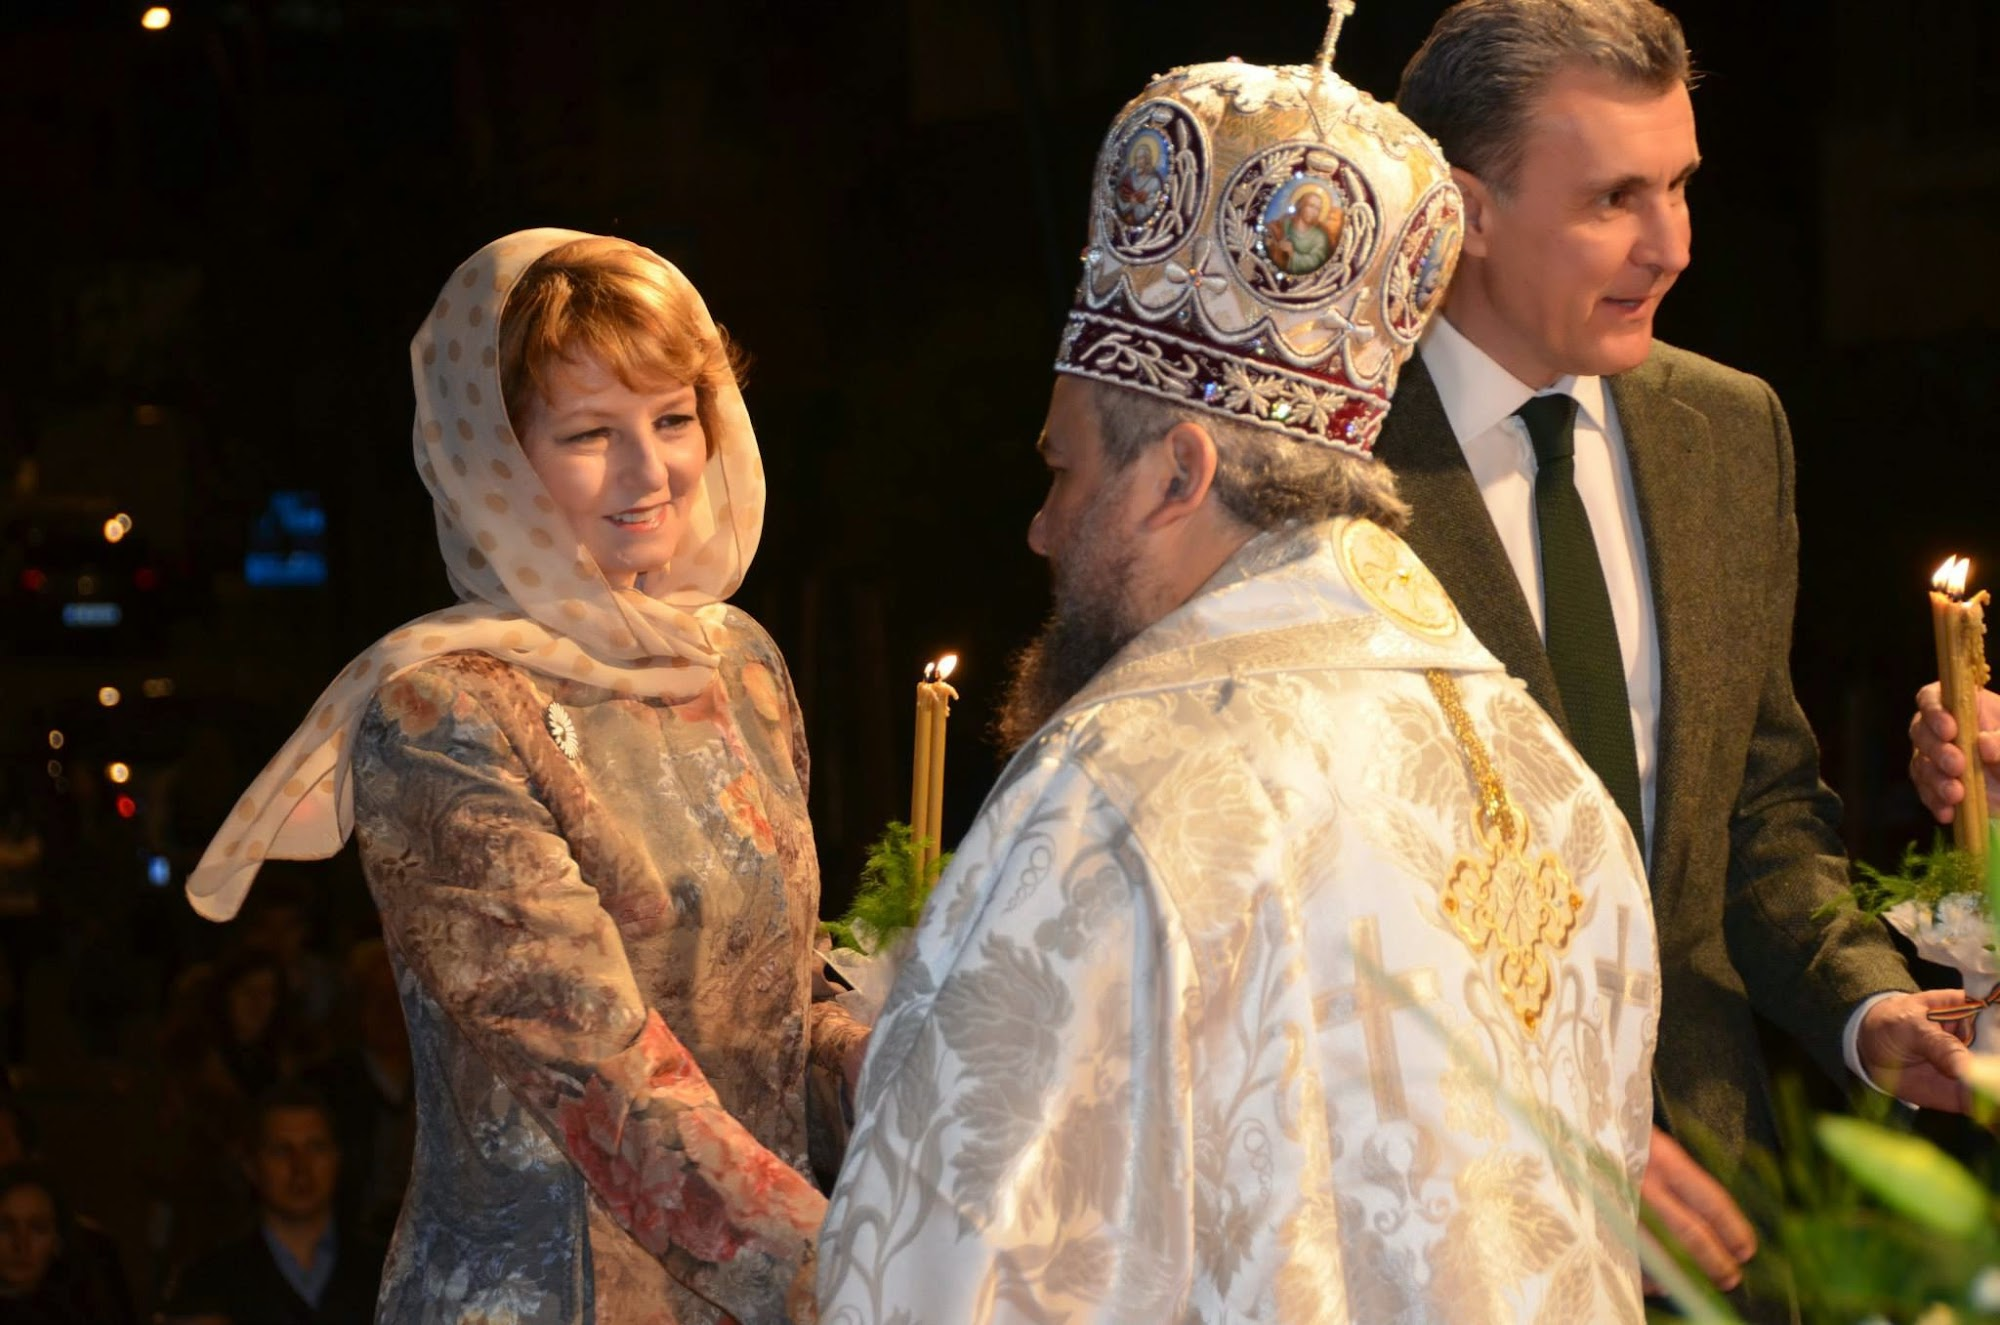 Imagini de la Slujba de Înviere oficiată la Catedrala Ortodoxă Sfântul Nicolae din Deva, le care au participat Principesa Moştenitoare Margareta a României şi Principele Radu al României